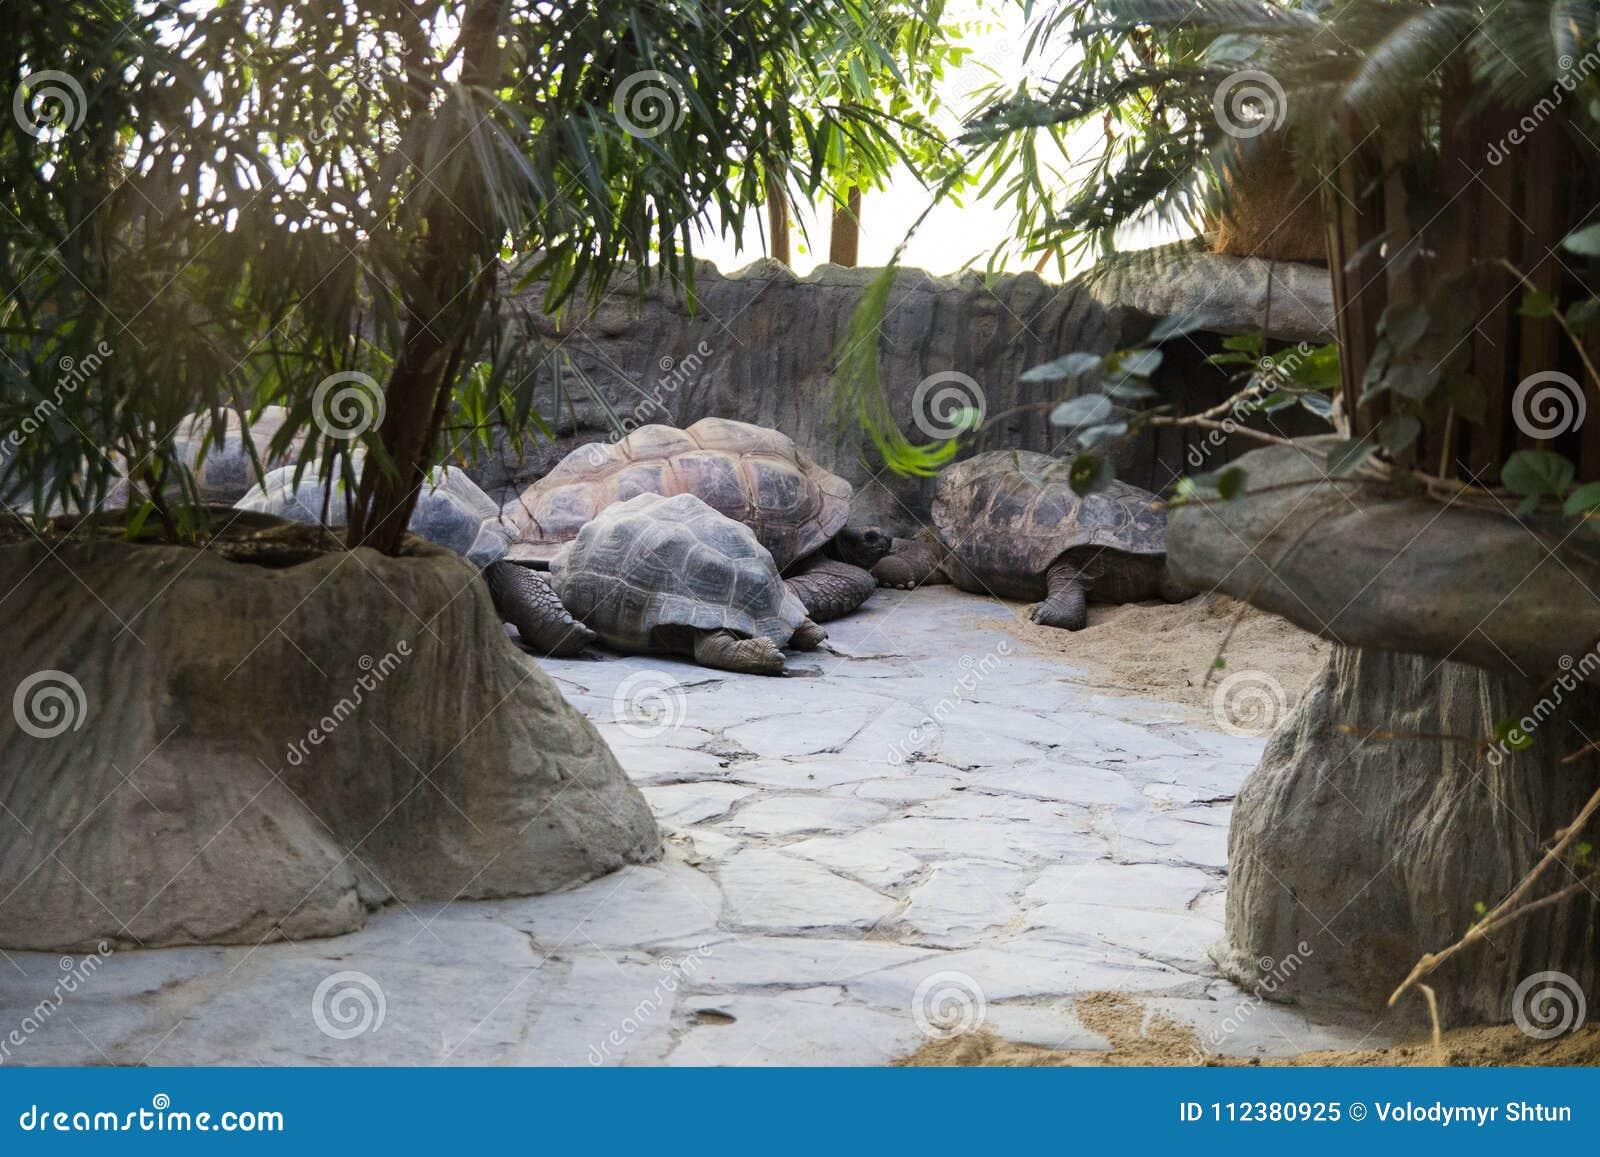 Gruppe der riesigen Schildkröte entspannend oder schlafend der Zoo